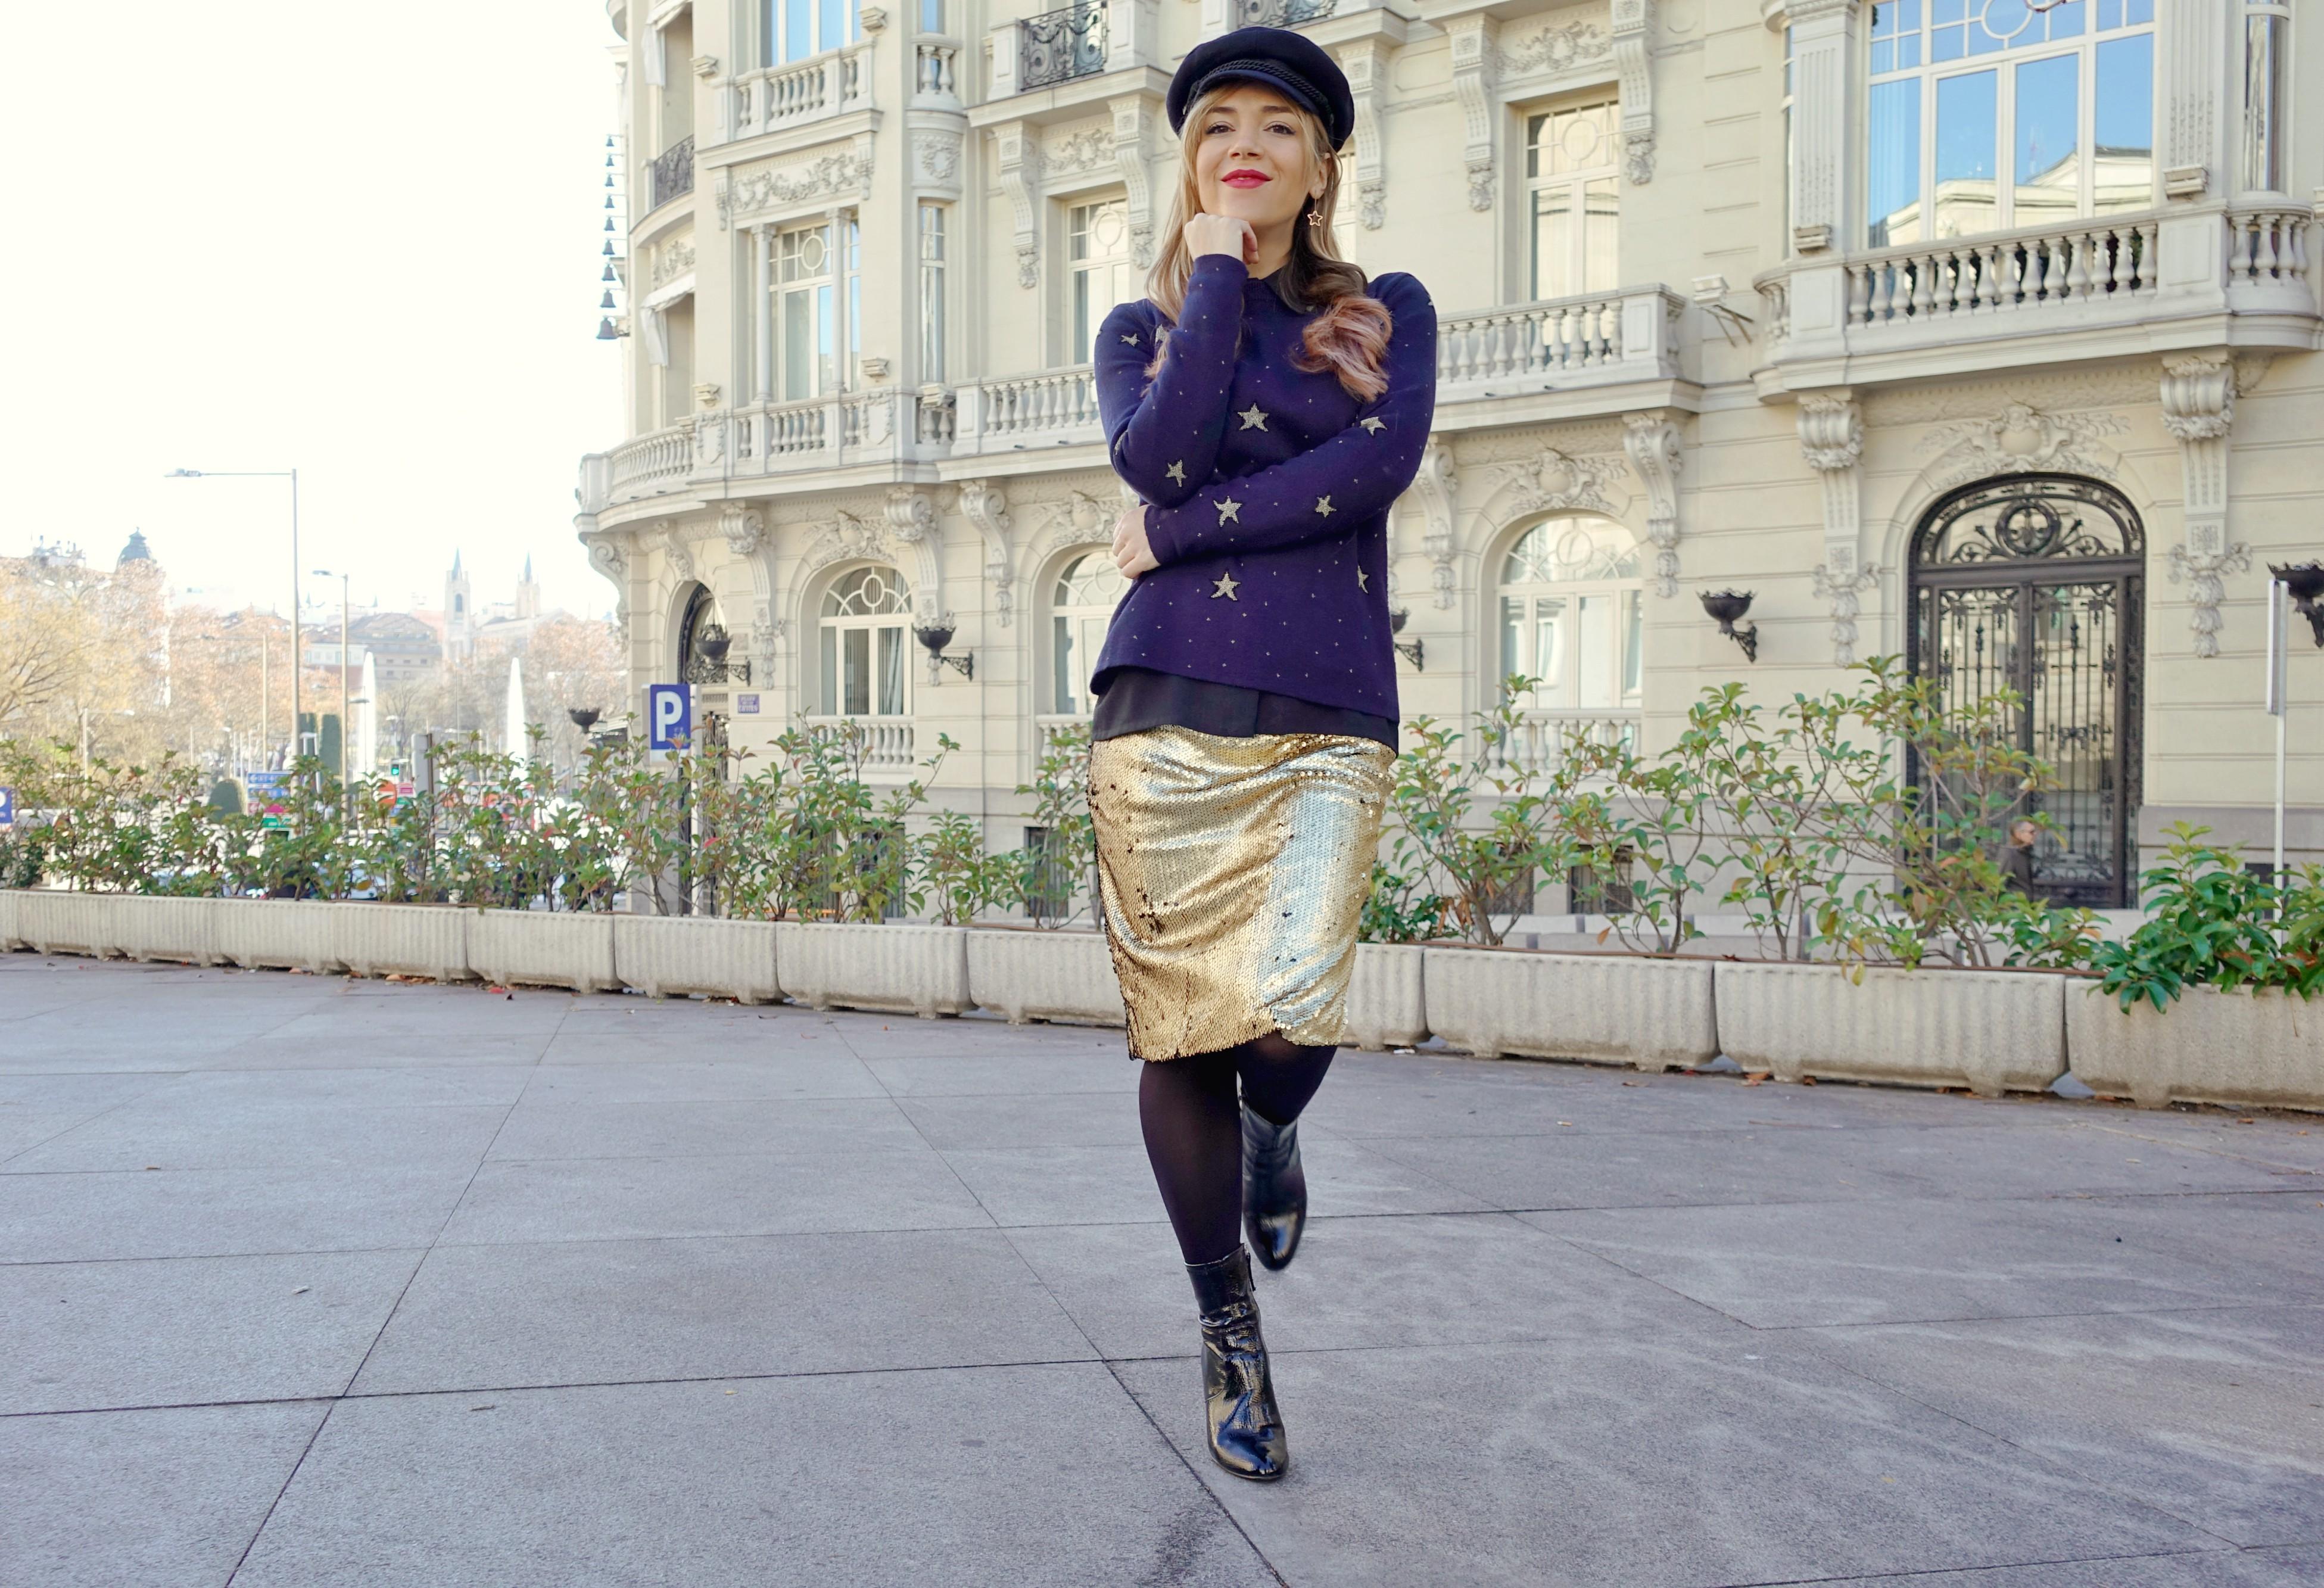 Look-de-invierno-stars-outfit-jersey-amichi-ChicAdicta-blog-de-moda-Chic-Adicta-influencer-PiensaenChic-Piensa-en-Chic